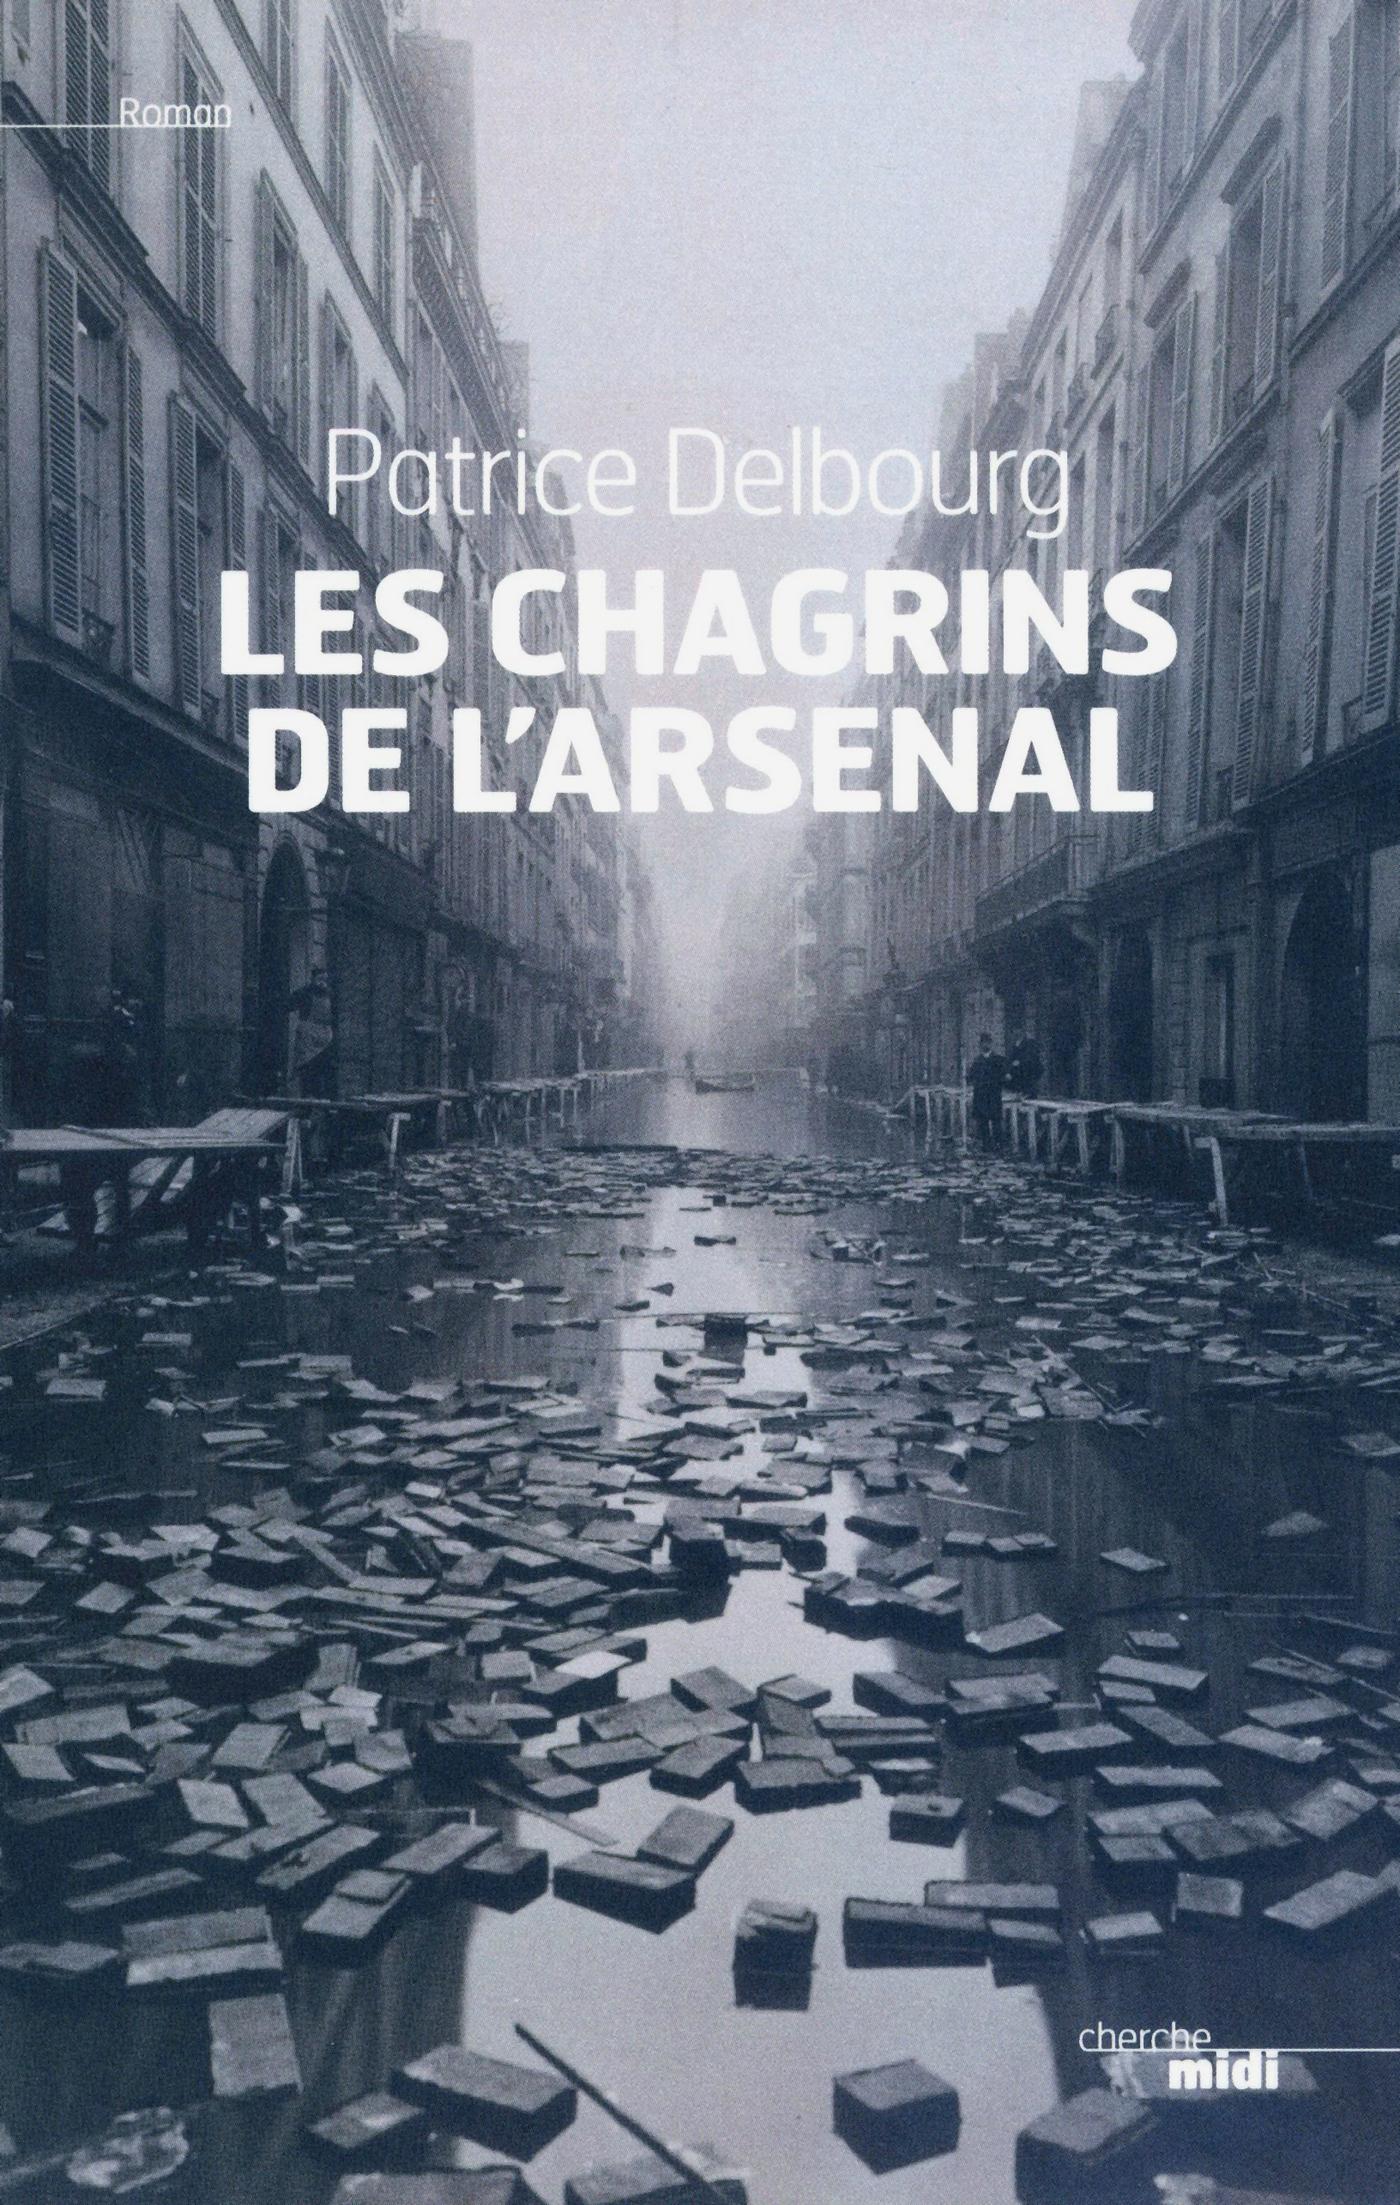 Les chagrins de l'arsenal | DELBOURG, Patrice